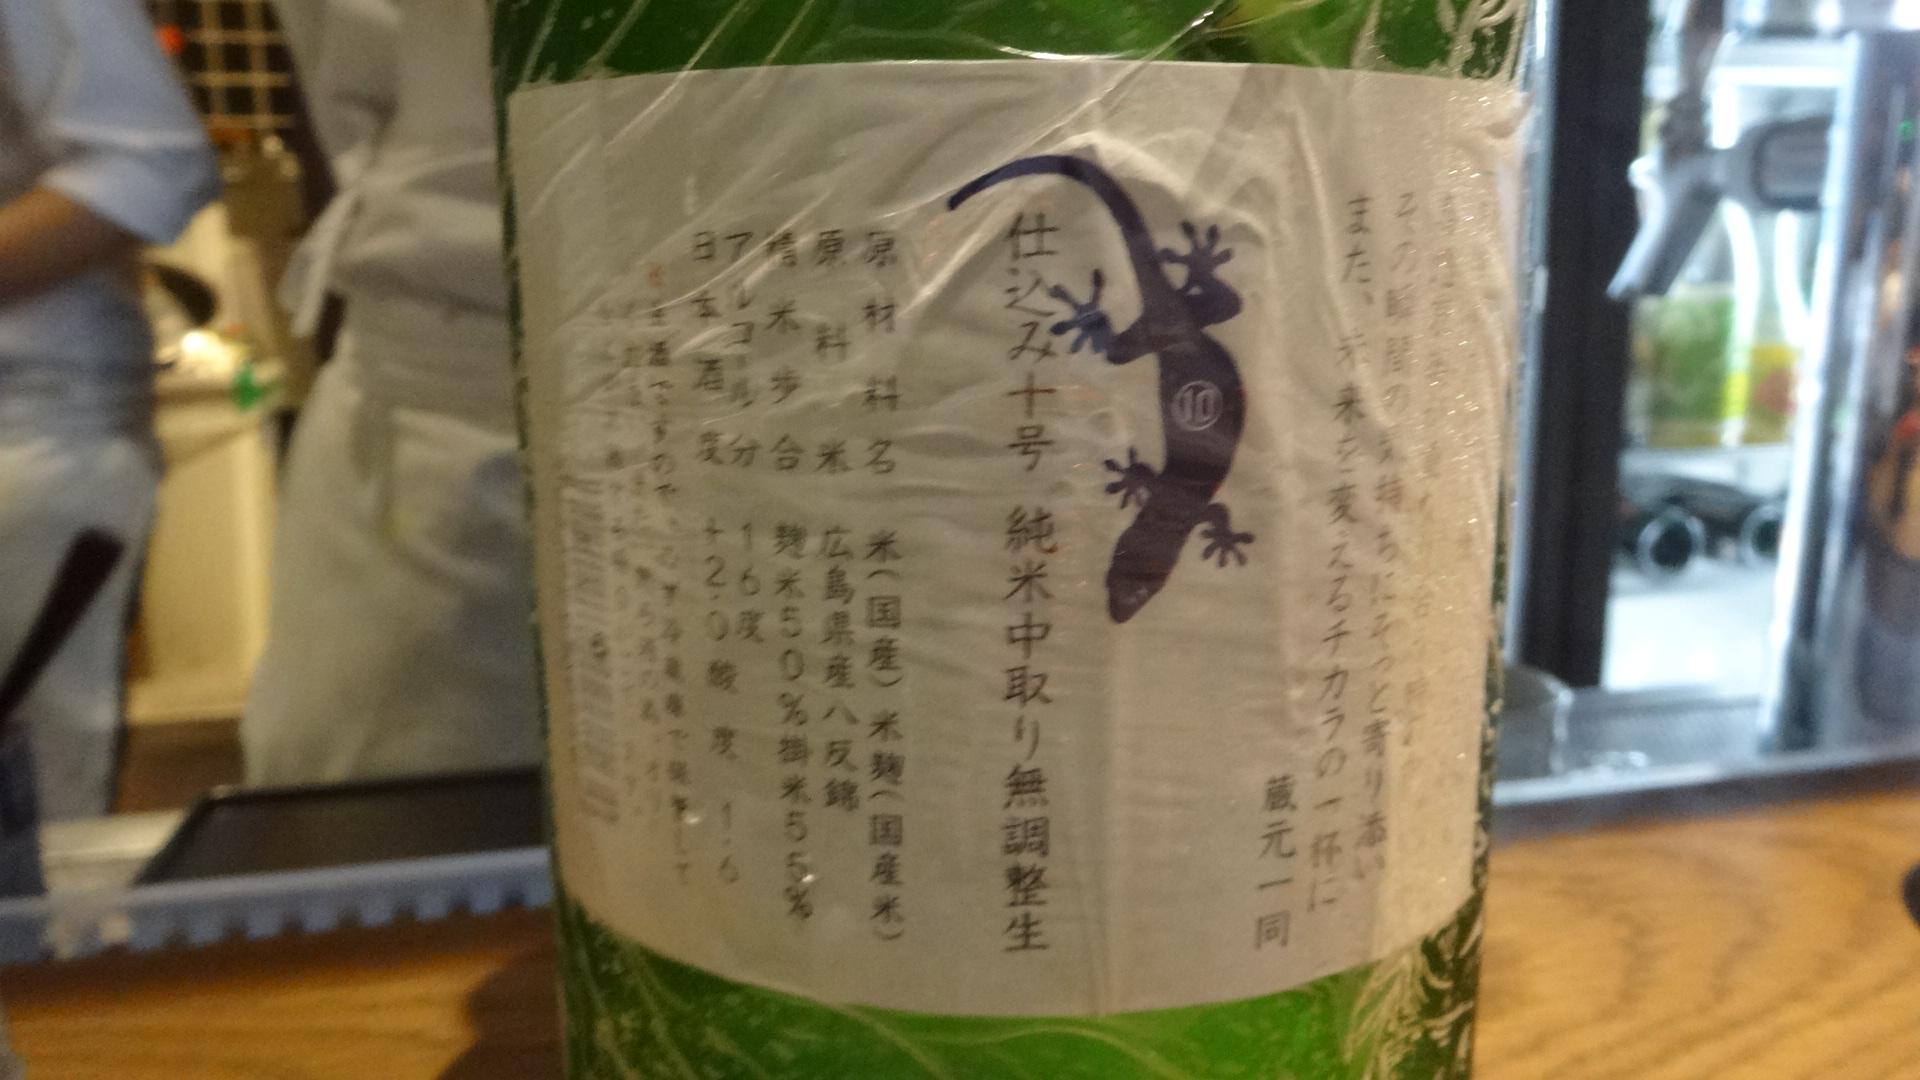 瓶の裏側に書かれたヤモリのイラスト